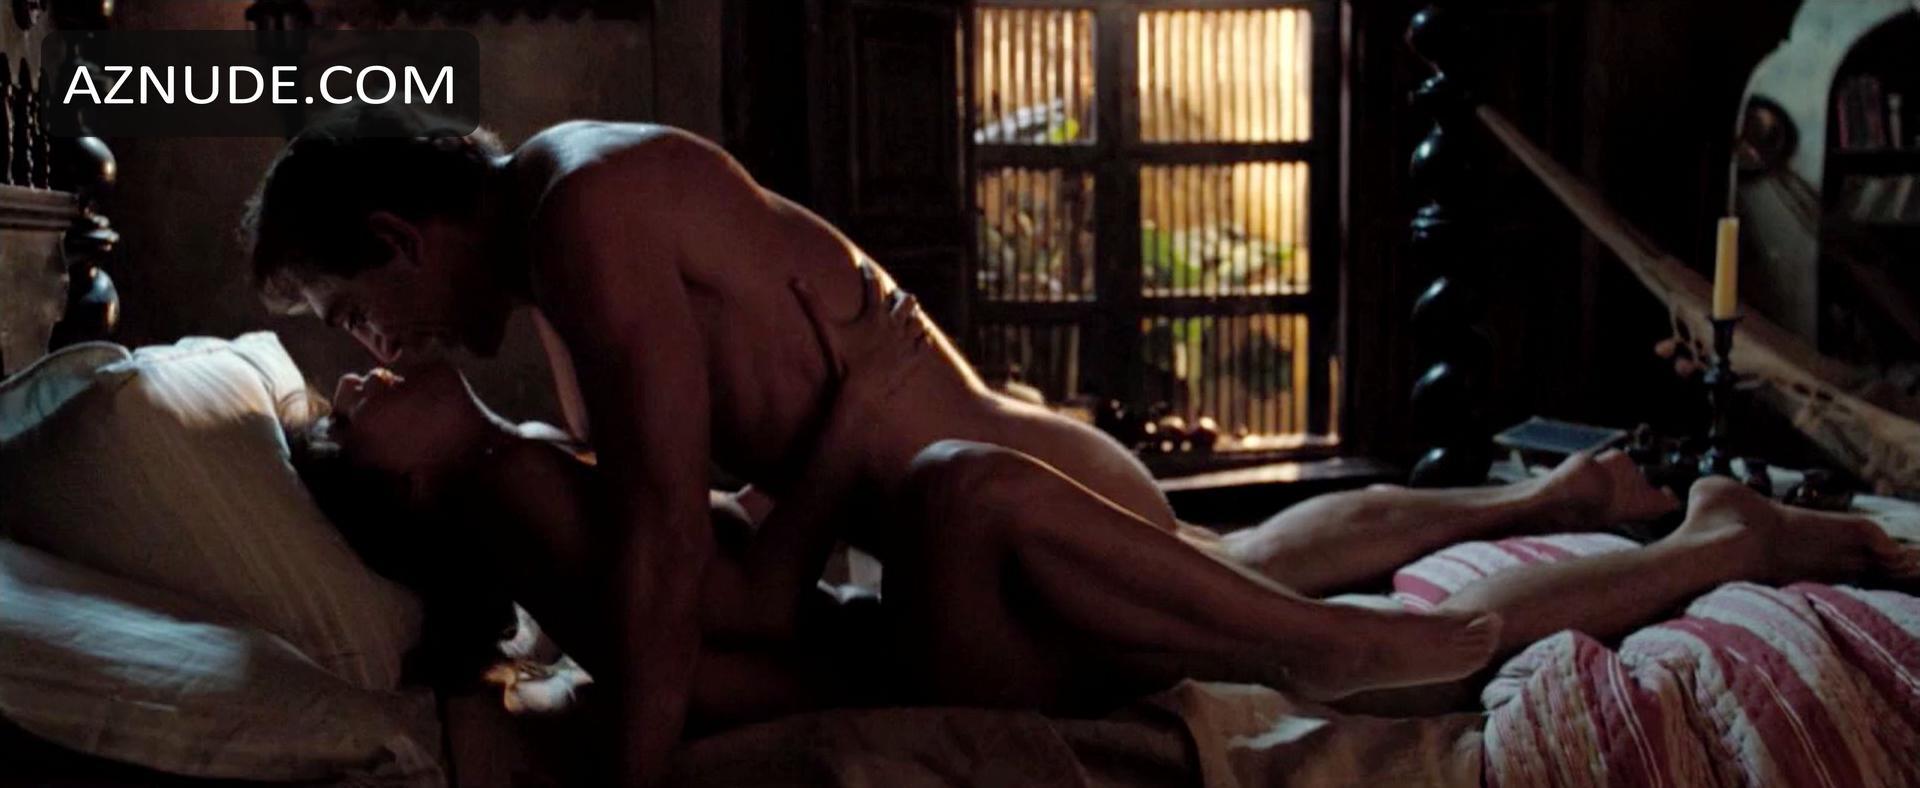 Ana Claudia Talancon Sex Scene love in the time of cholera nude scenes - aznude